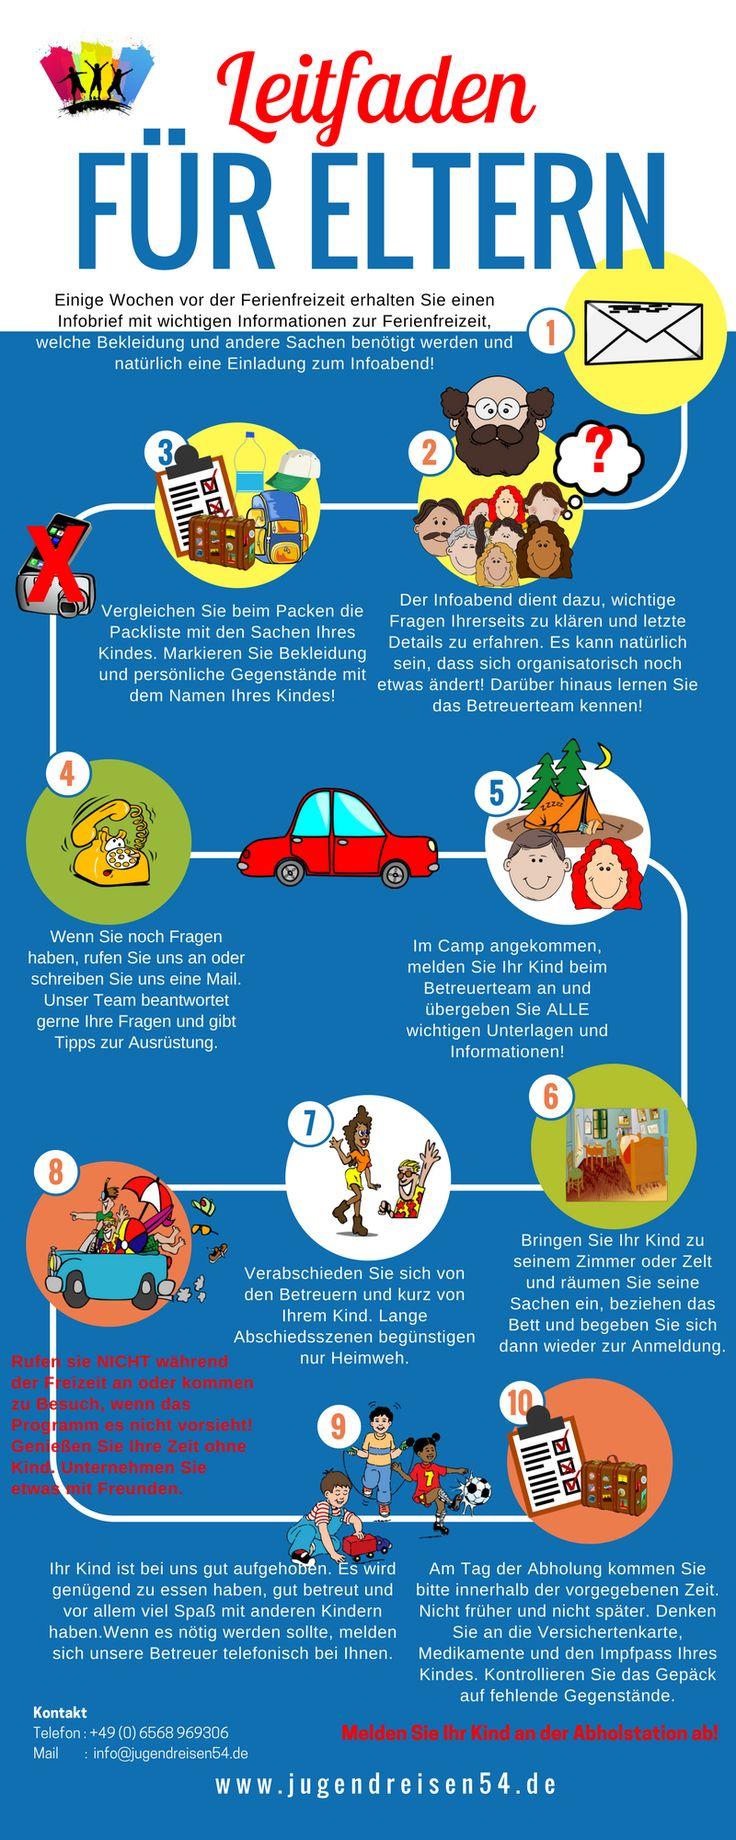 #KiLaFerien #Checkliste für #Eltern #Ferienfreizeit #Ferienlager #Feriencamp #Zeltlager #Urlaub